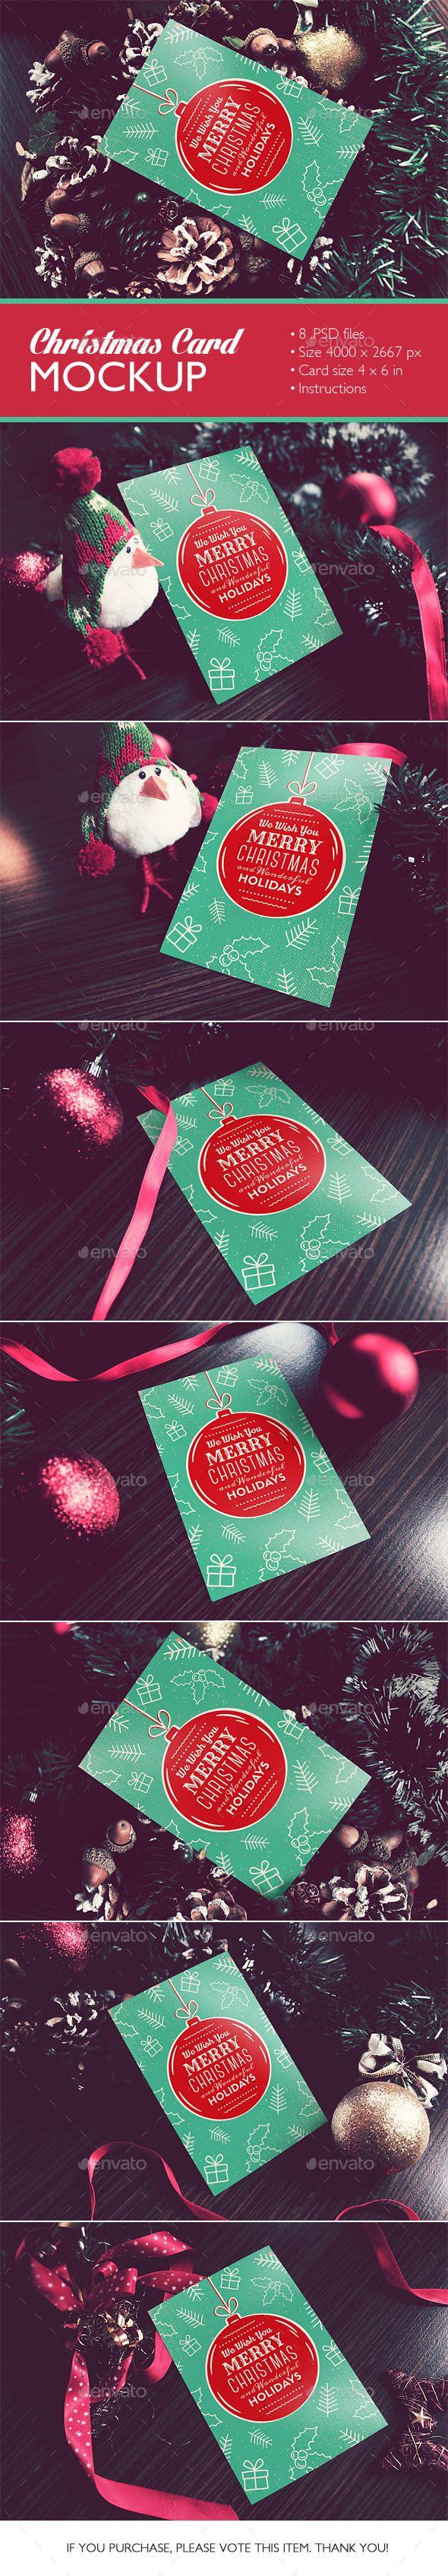 Christmas Card Mockup - Product Mock-Ups Graphics